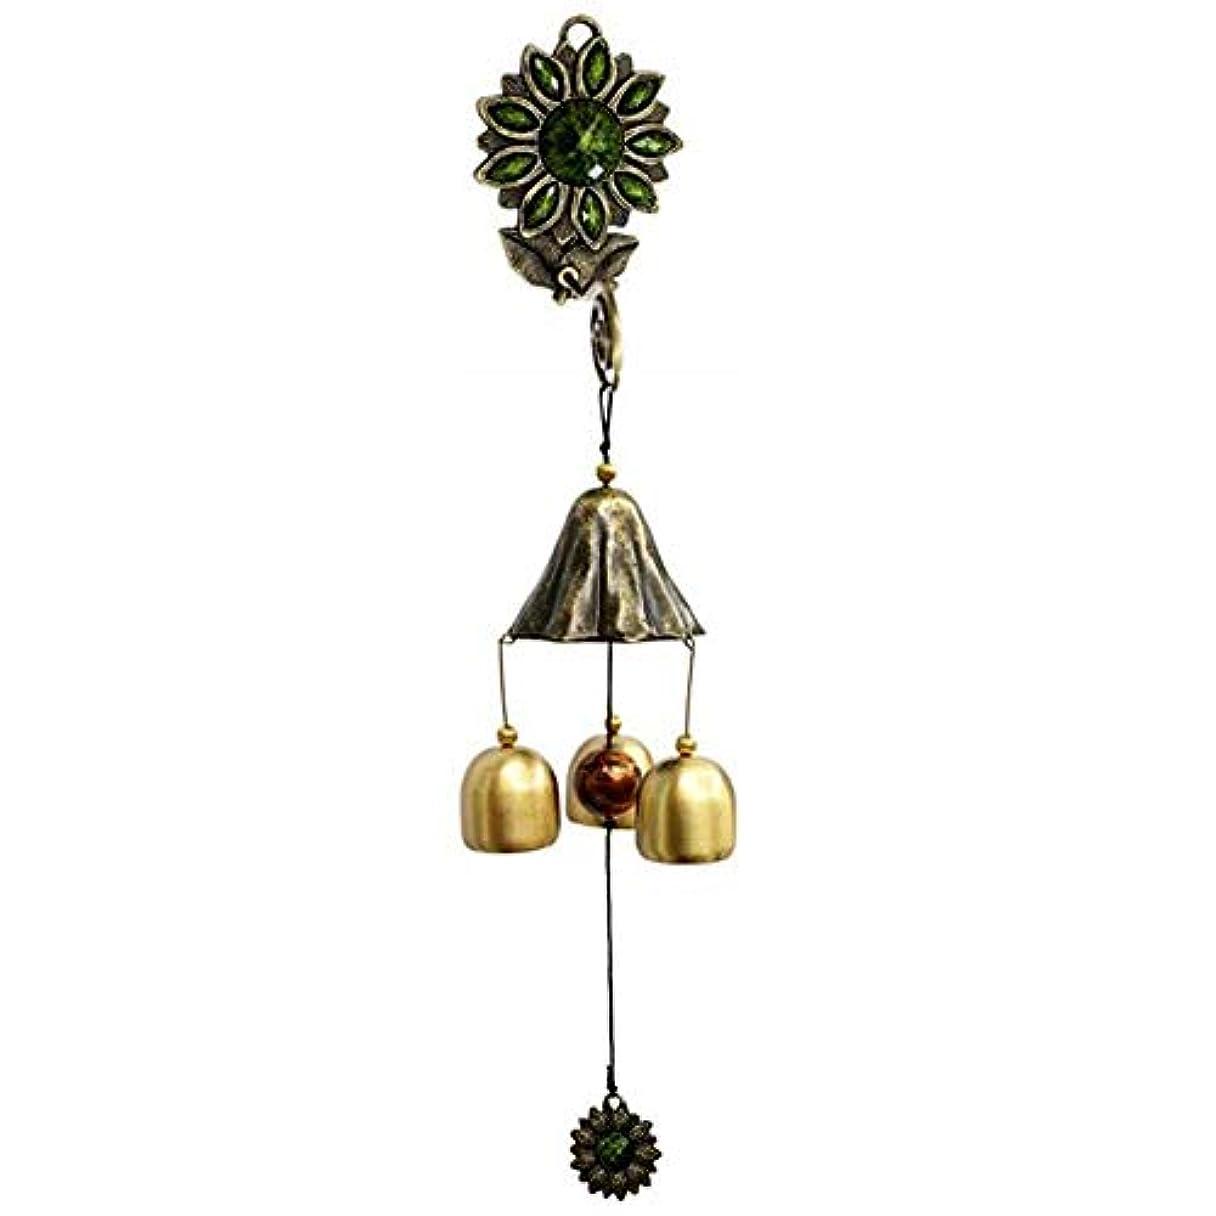 提案一流ぴかぴかKaiyitong01 風チャイム、ガーデンメタルクリエイティブひまわり風の鐘、グリーン、全長約35CM,絶妙なファッション (Color : Green)